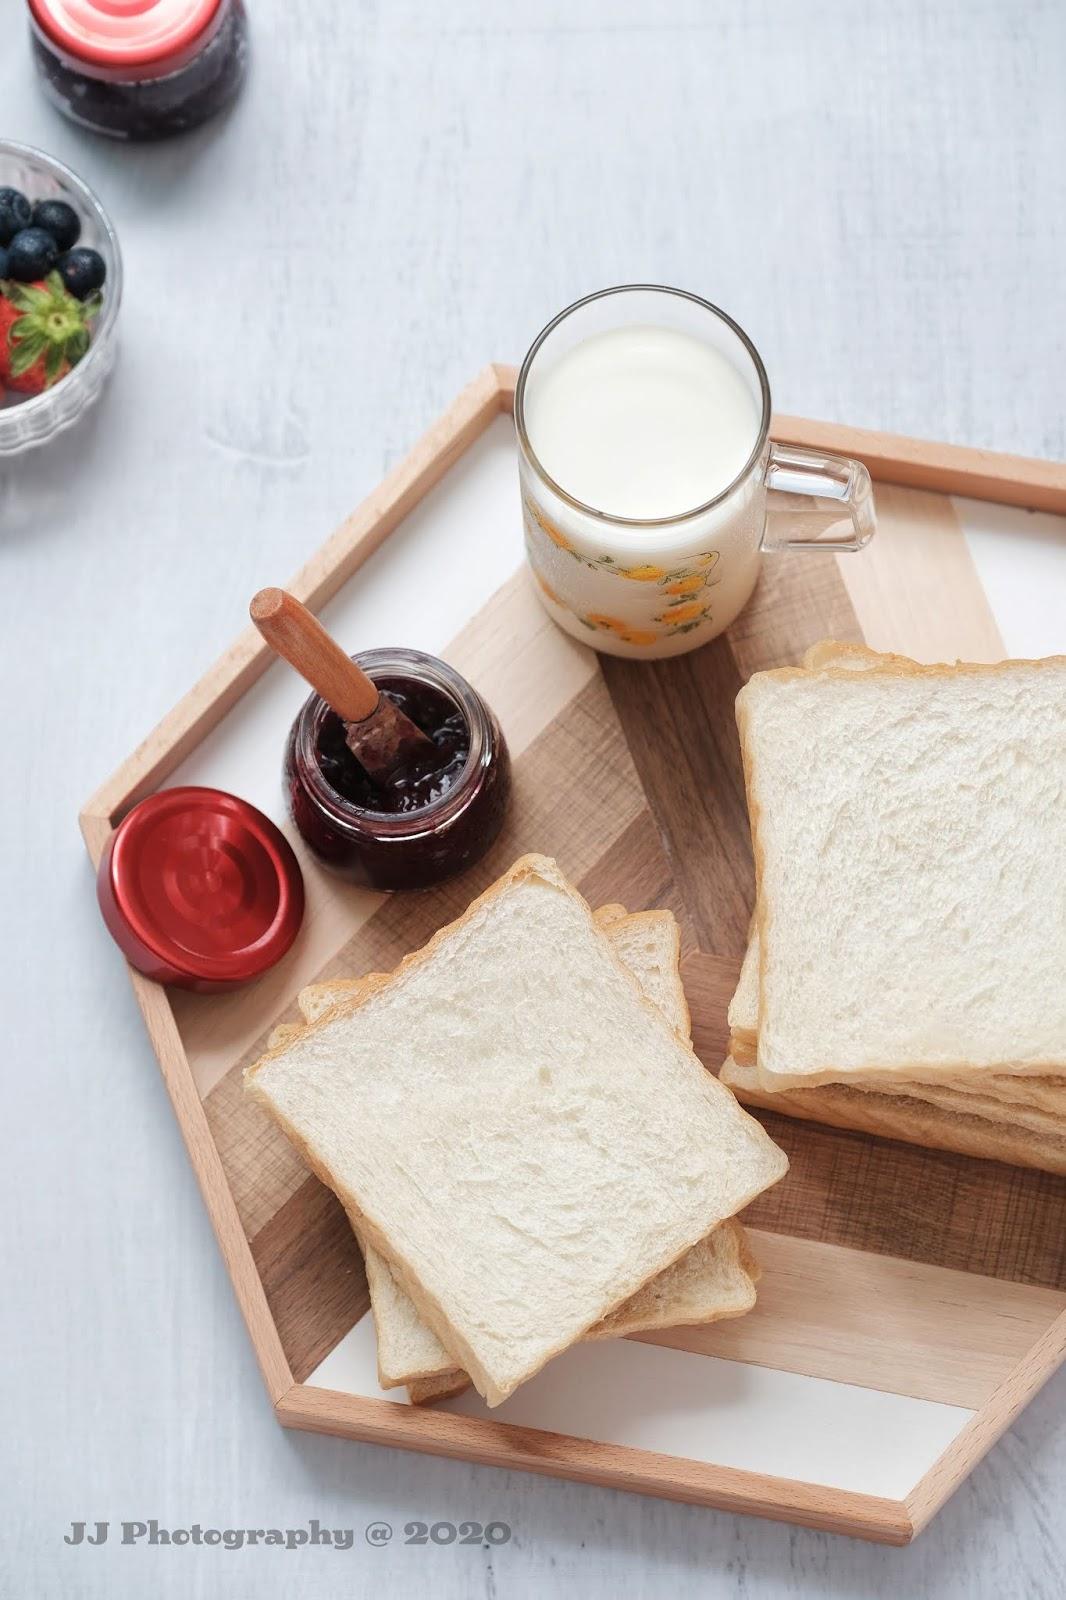 愛廚房的幸福之味: 日本生吐司 RAW Toast